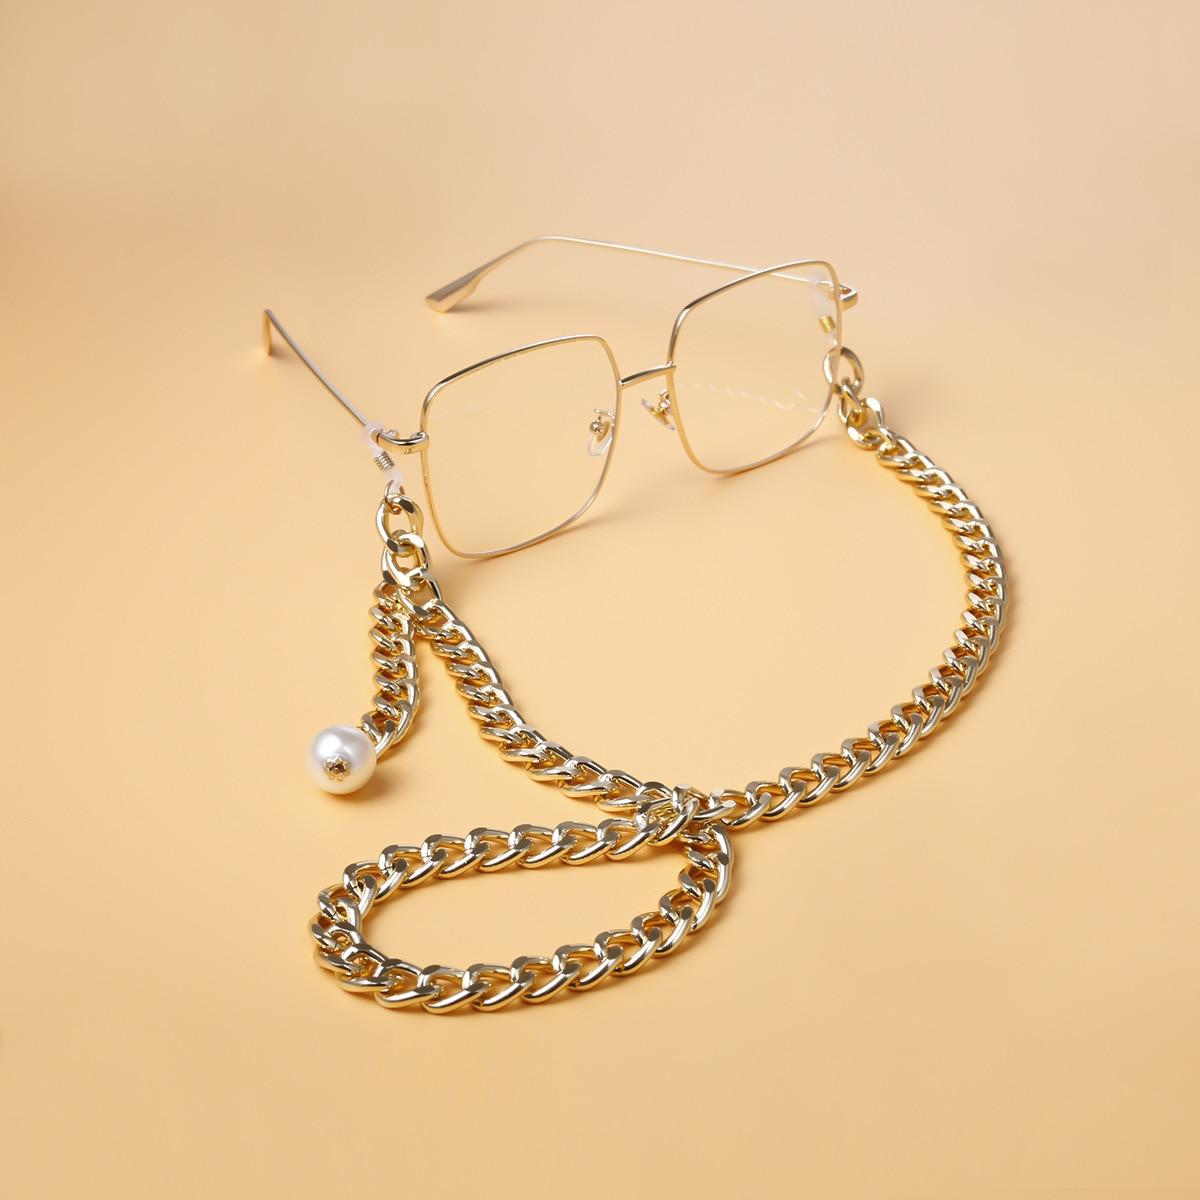 Punk rock chunky óculos de sol corrente cinta para homens mulher ouro prata cor leitura óculos cordão titular eyewear acessórios